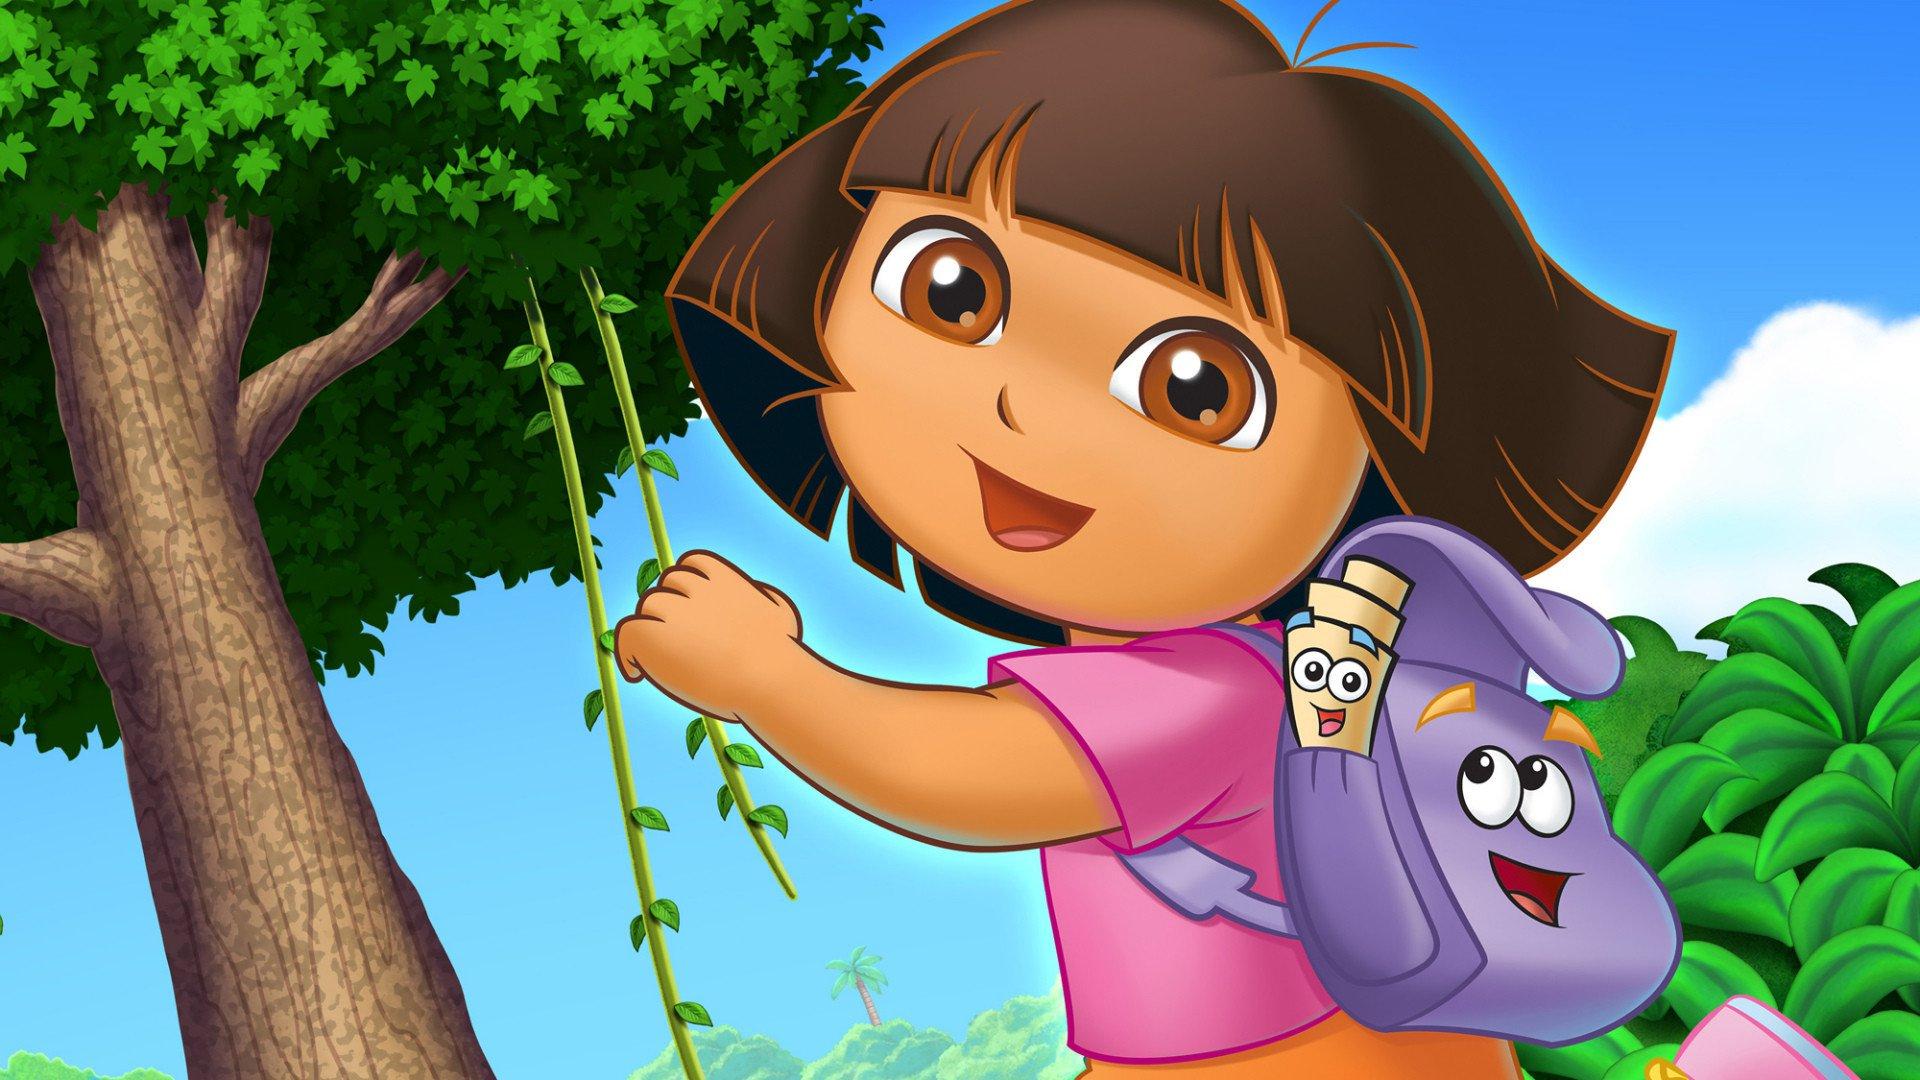 Развивающие мультики для детей: описание и видео